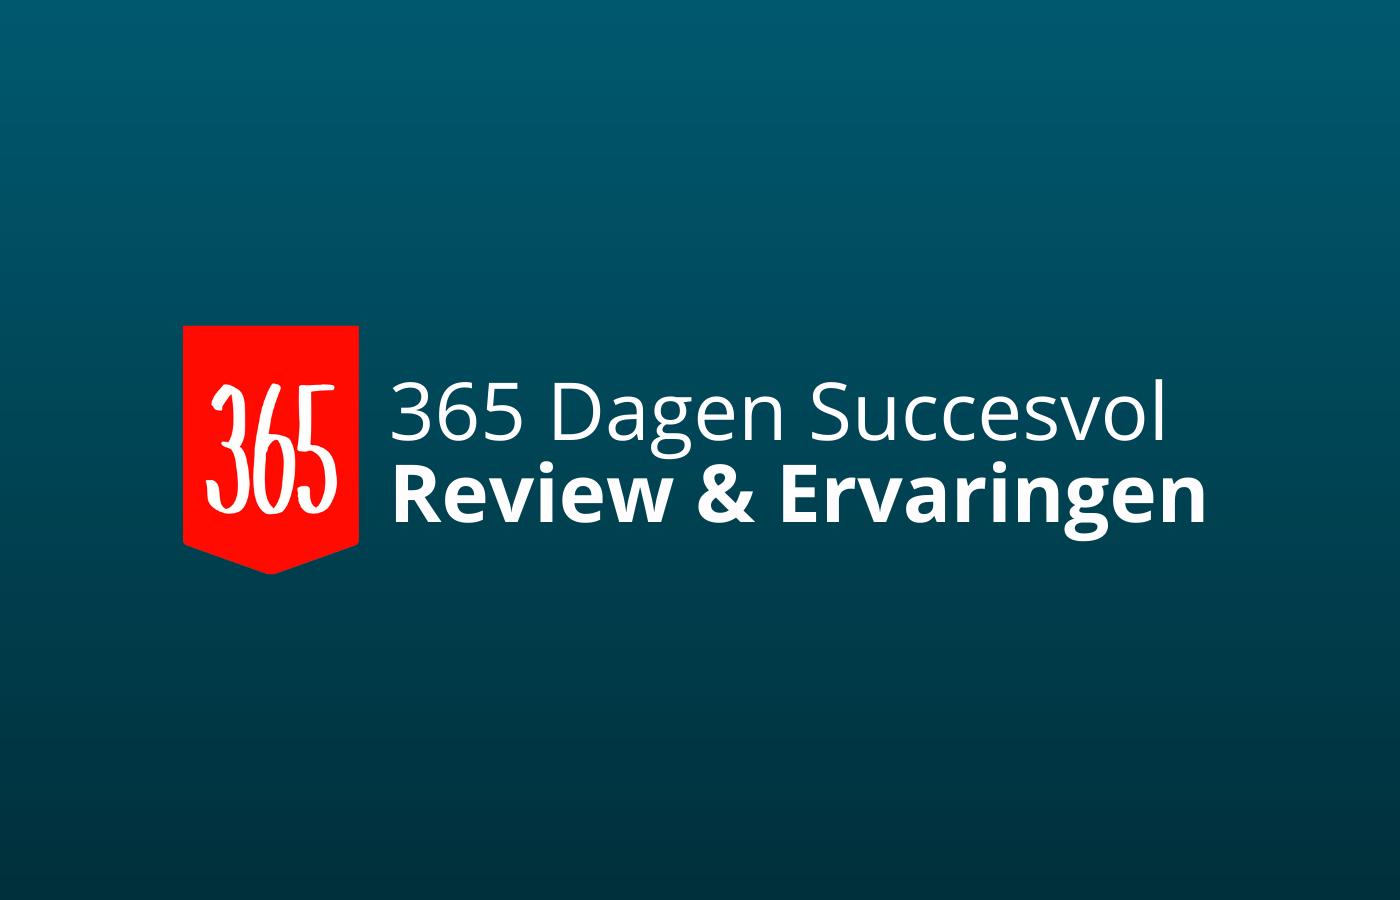 ervaringen en review 365 dagen succesvol